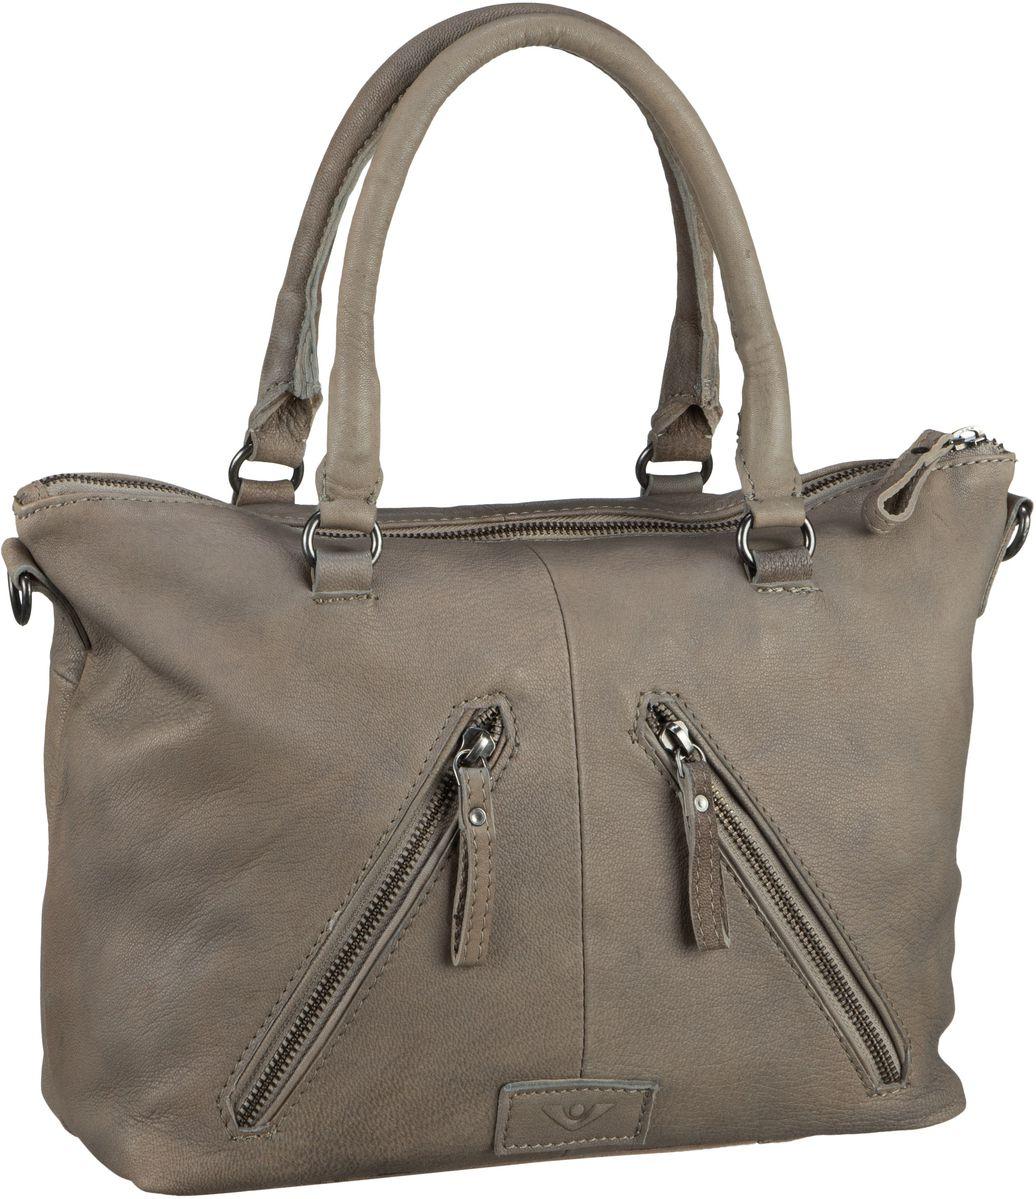 Handtaschen für Frauen - Voi Handtasche Capra 21201 Kurzgrifftasche Taupe  - Onlineshop Taschenkaufhaus